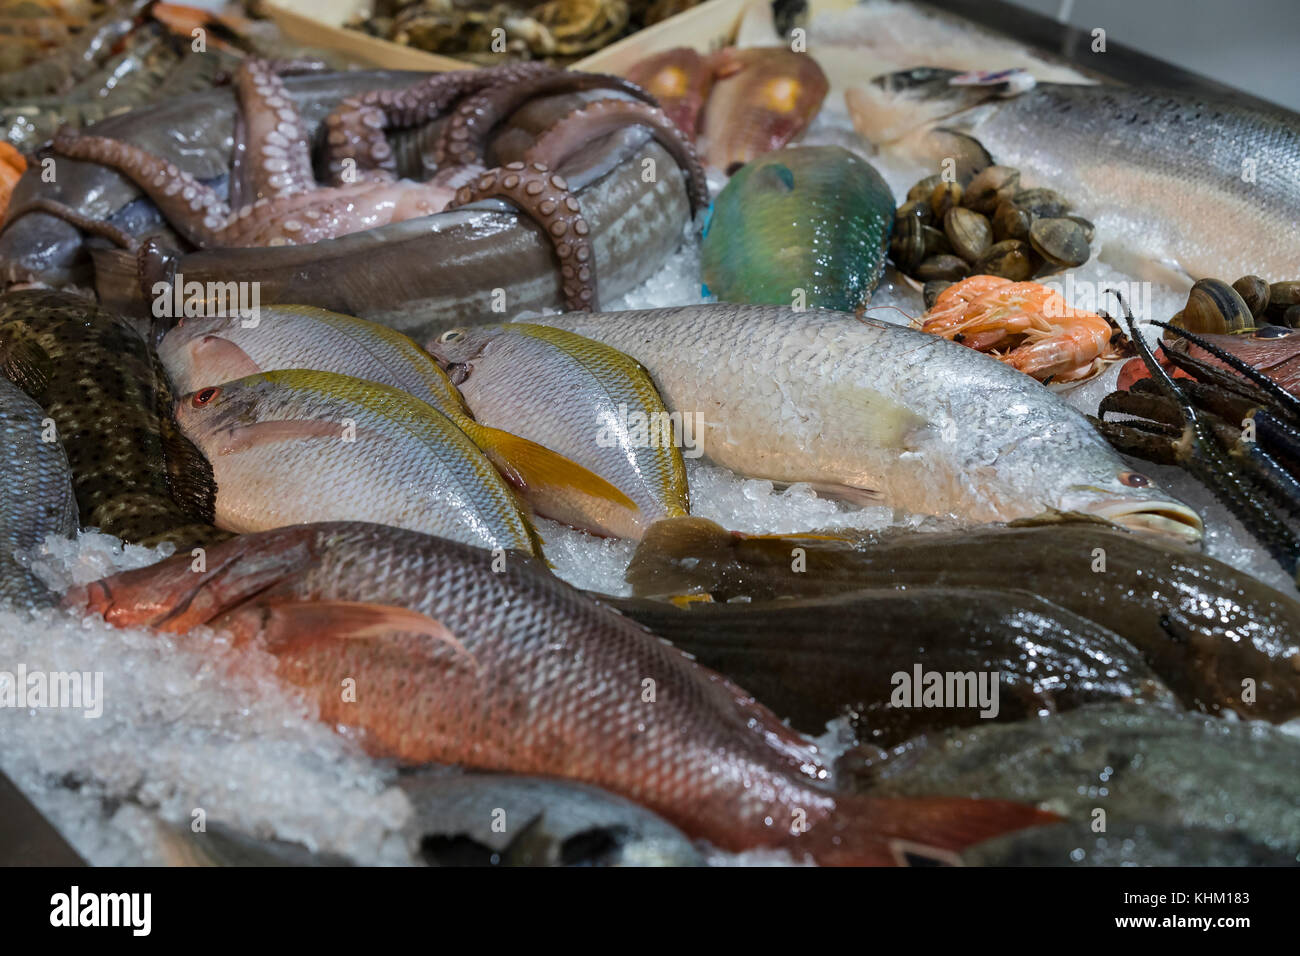 fond de poisson fruits de mer palourdes crabes banque d 39 images photo stock 165782515 alamy. Black Bedroom Furniture Sets. Home Design Ideas